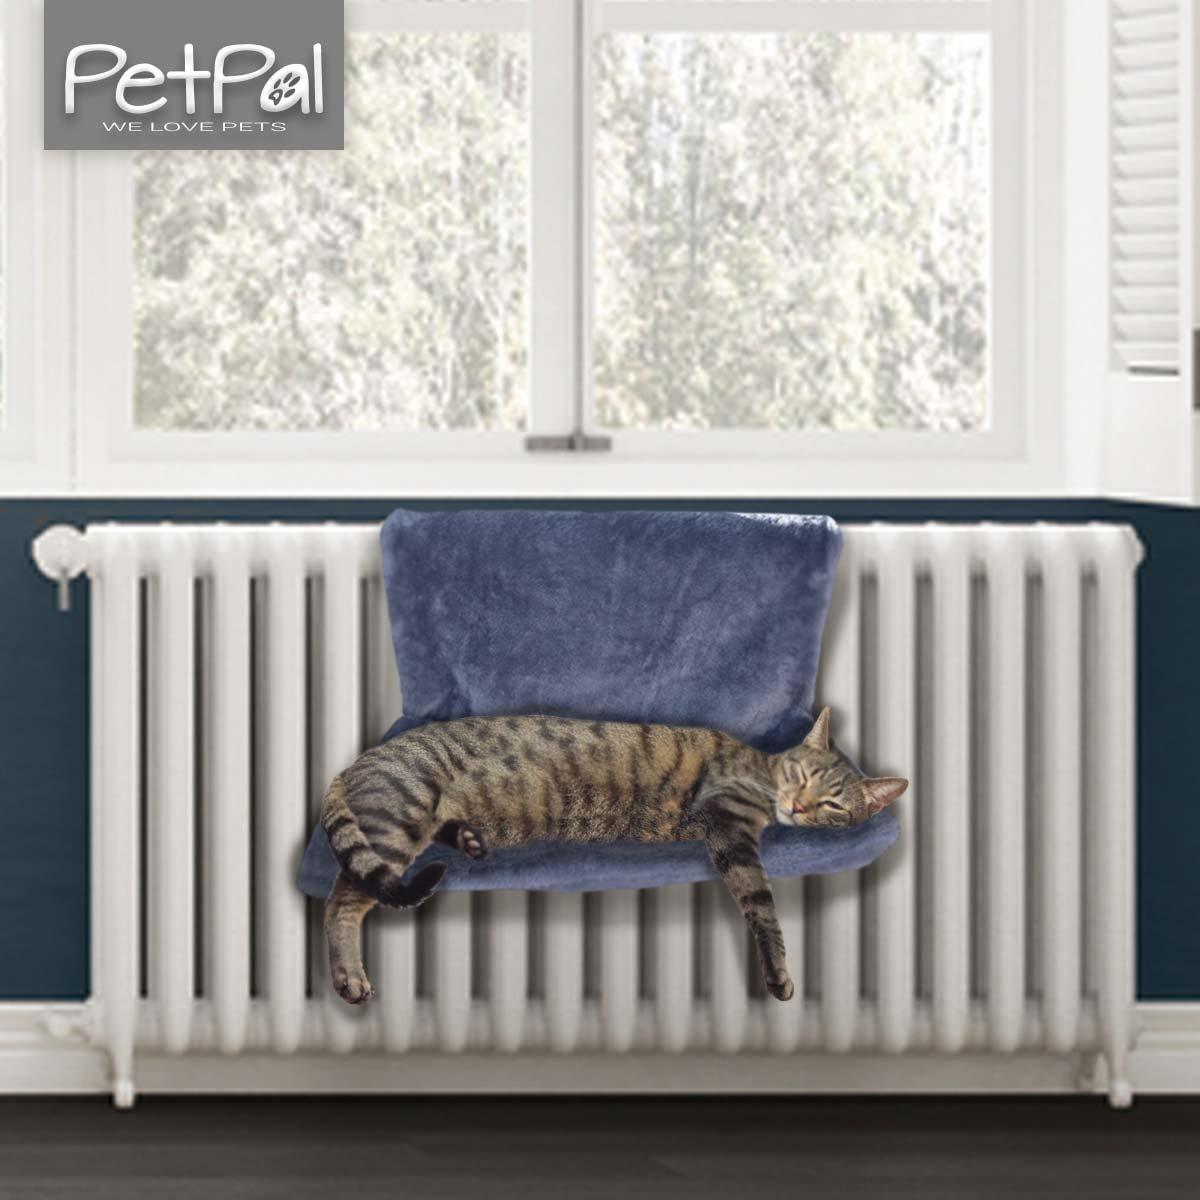 Radiateur de petpäl | Idéal kuscheliger chat Panier | le chat lit pour les Chauffage | Hamac parfaite pour le chat | chat Chauffage Hamac |einfach Radiateur à suspendre